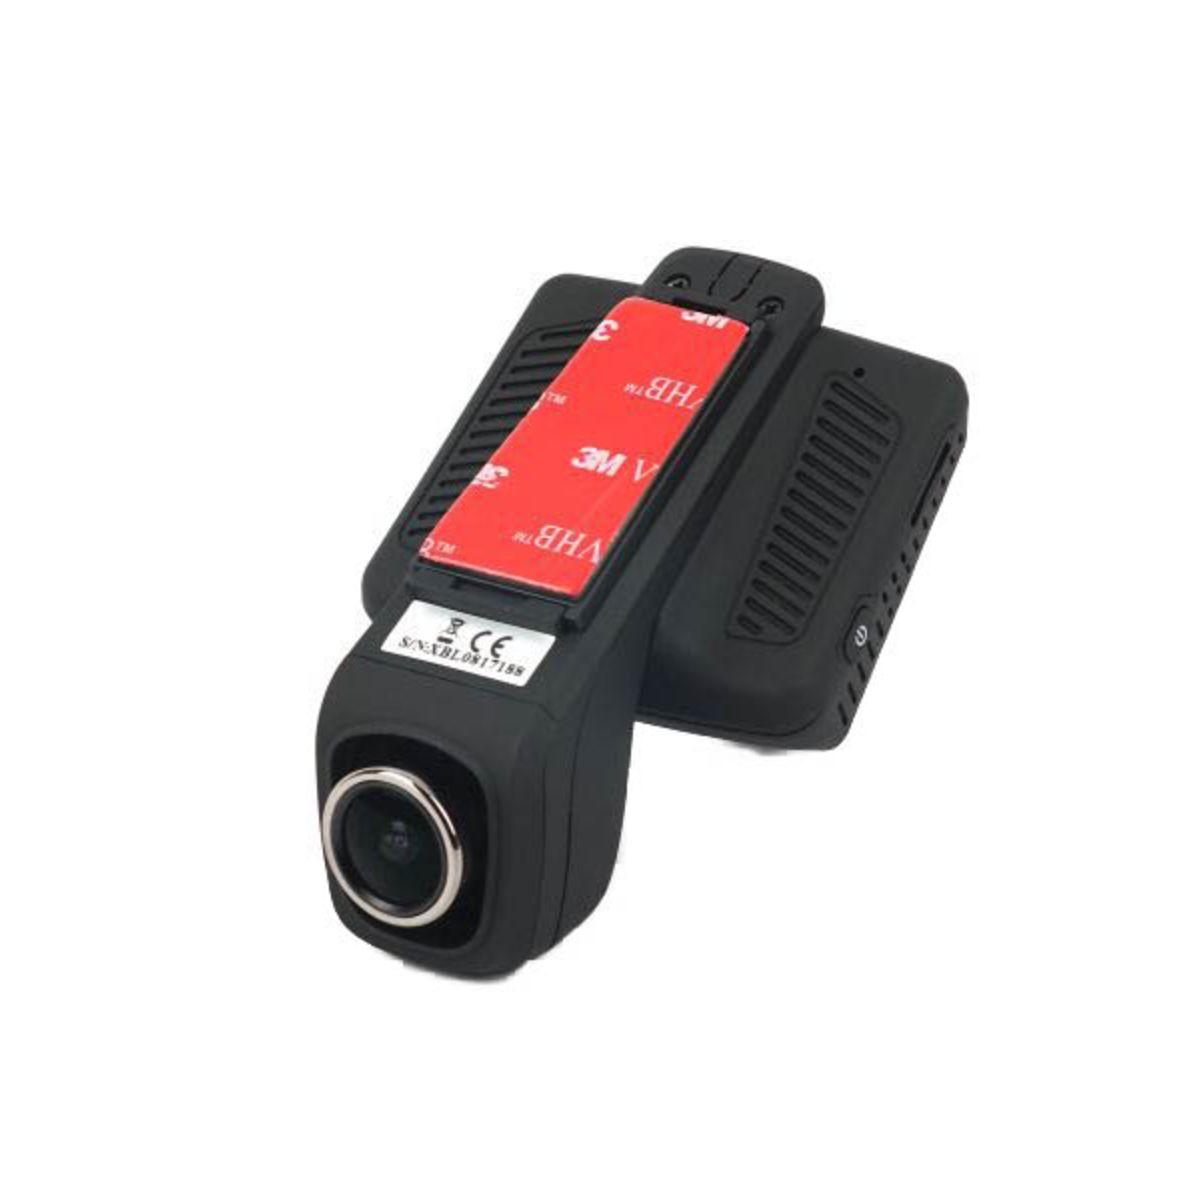 """Xblitz Autokamera X5 Wi-Fi, objektiv 140°, displej 2,45"""", 1920 x 1080p/ 30fps"""